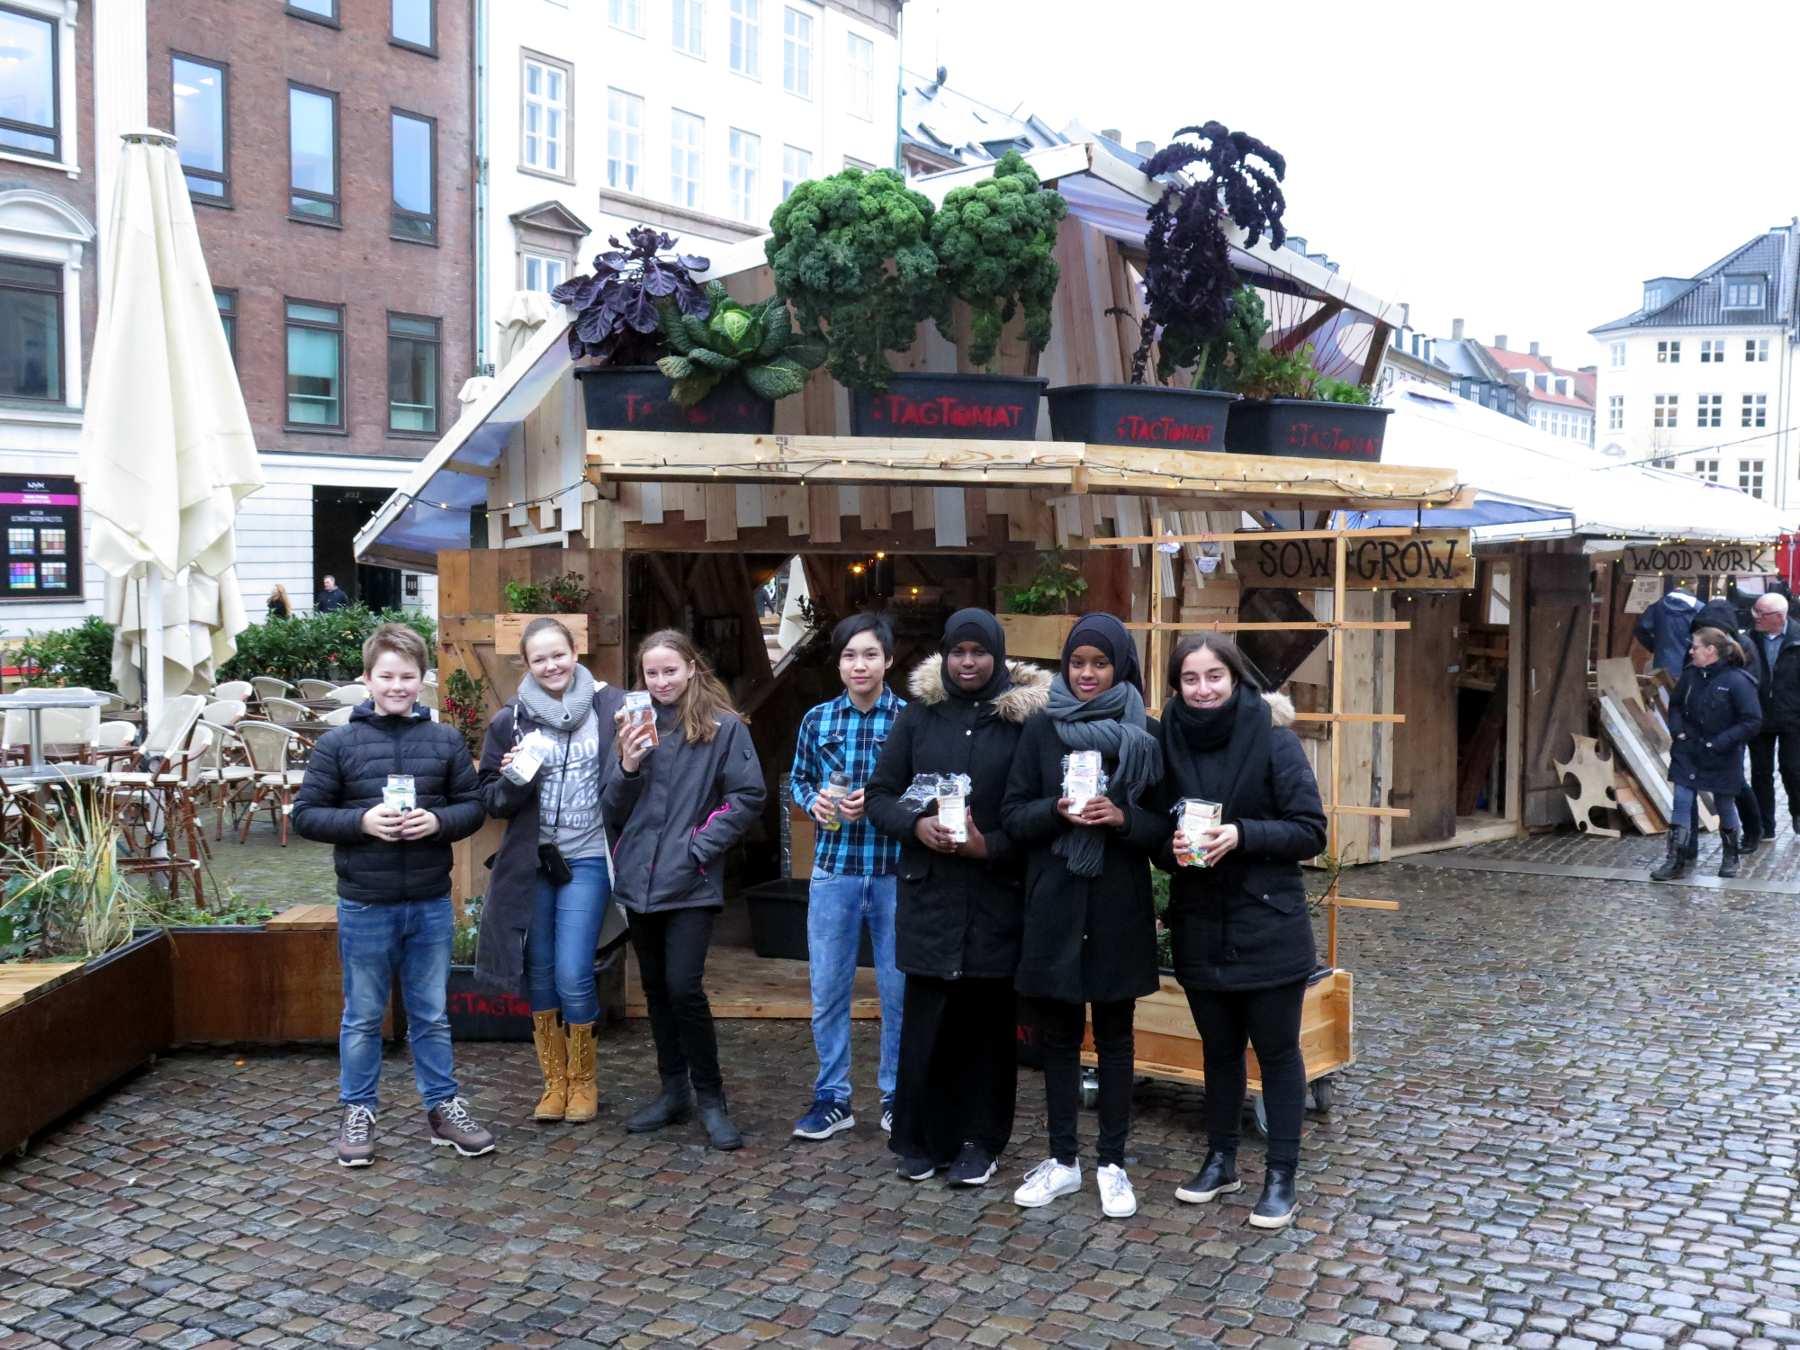 #456386 Mest effektive Remake Christmas Genbrugsjul På Strøget Med TagTomat Gør Det Selv Værksted København Glentevej 6365 180013506365